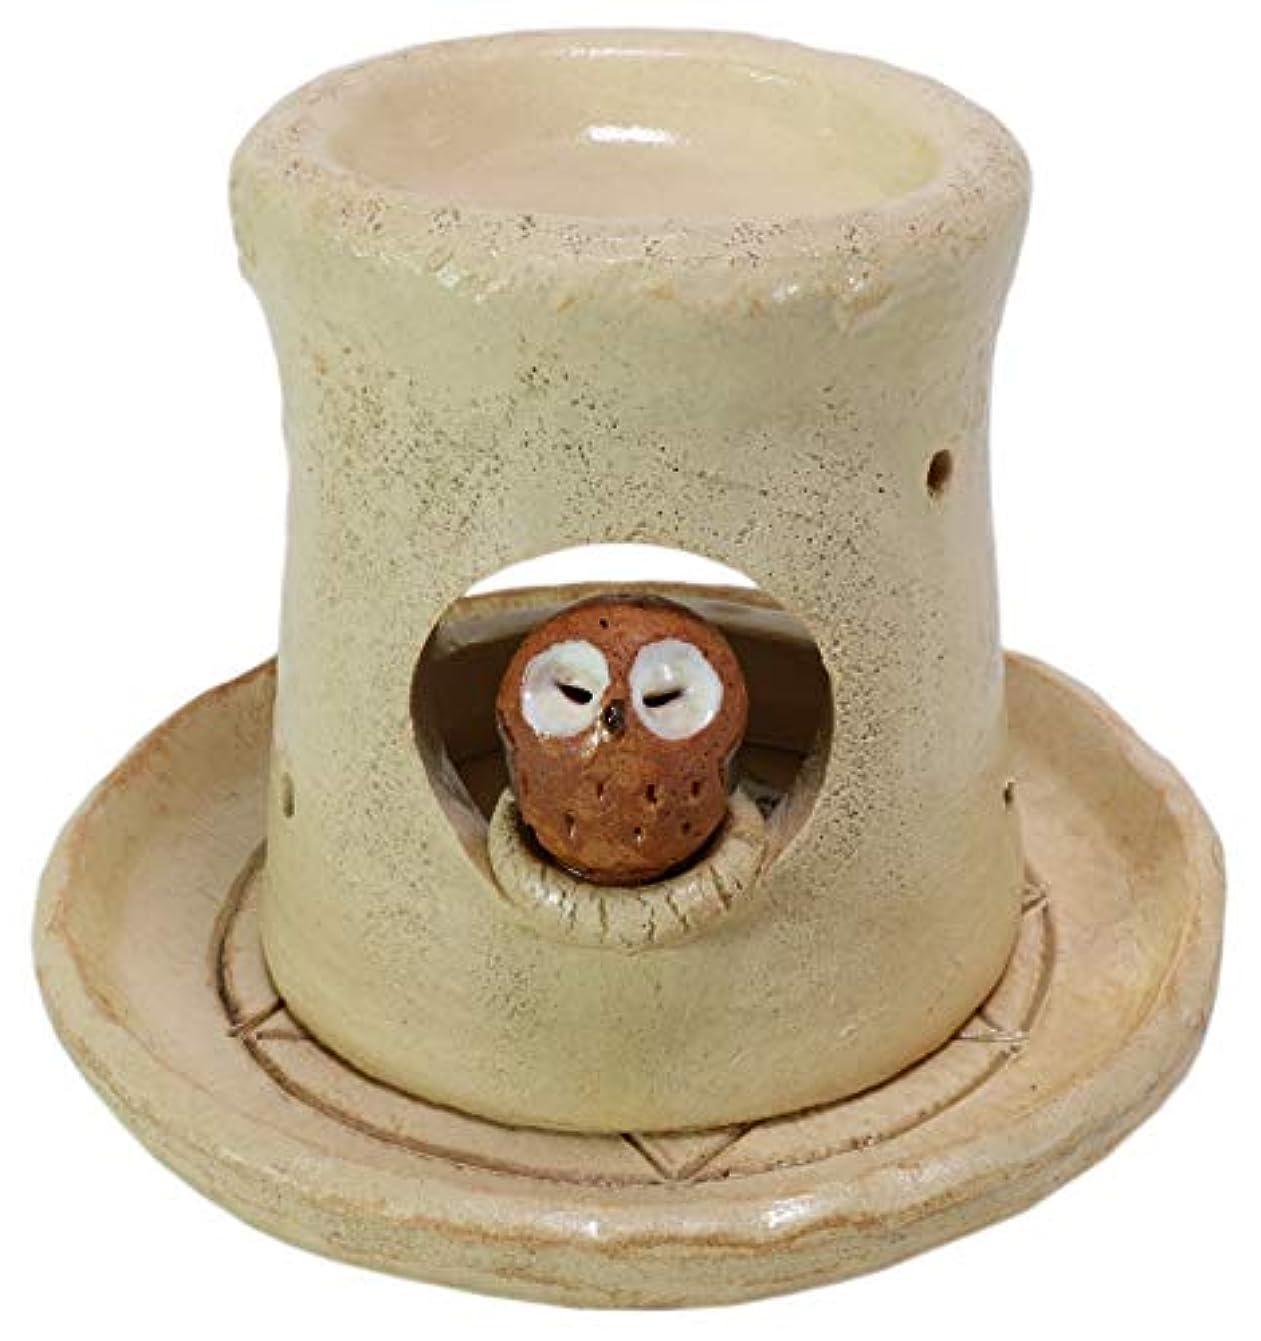 実業家バトル突撃香炉 フクロウ 茶香炉 [H14cm] HANDMADE プレゼント ギフト 和食器 かわいい インテリア